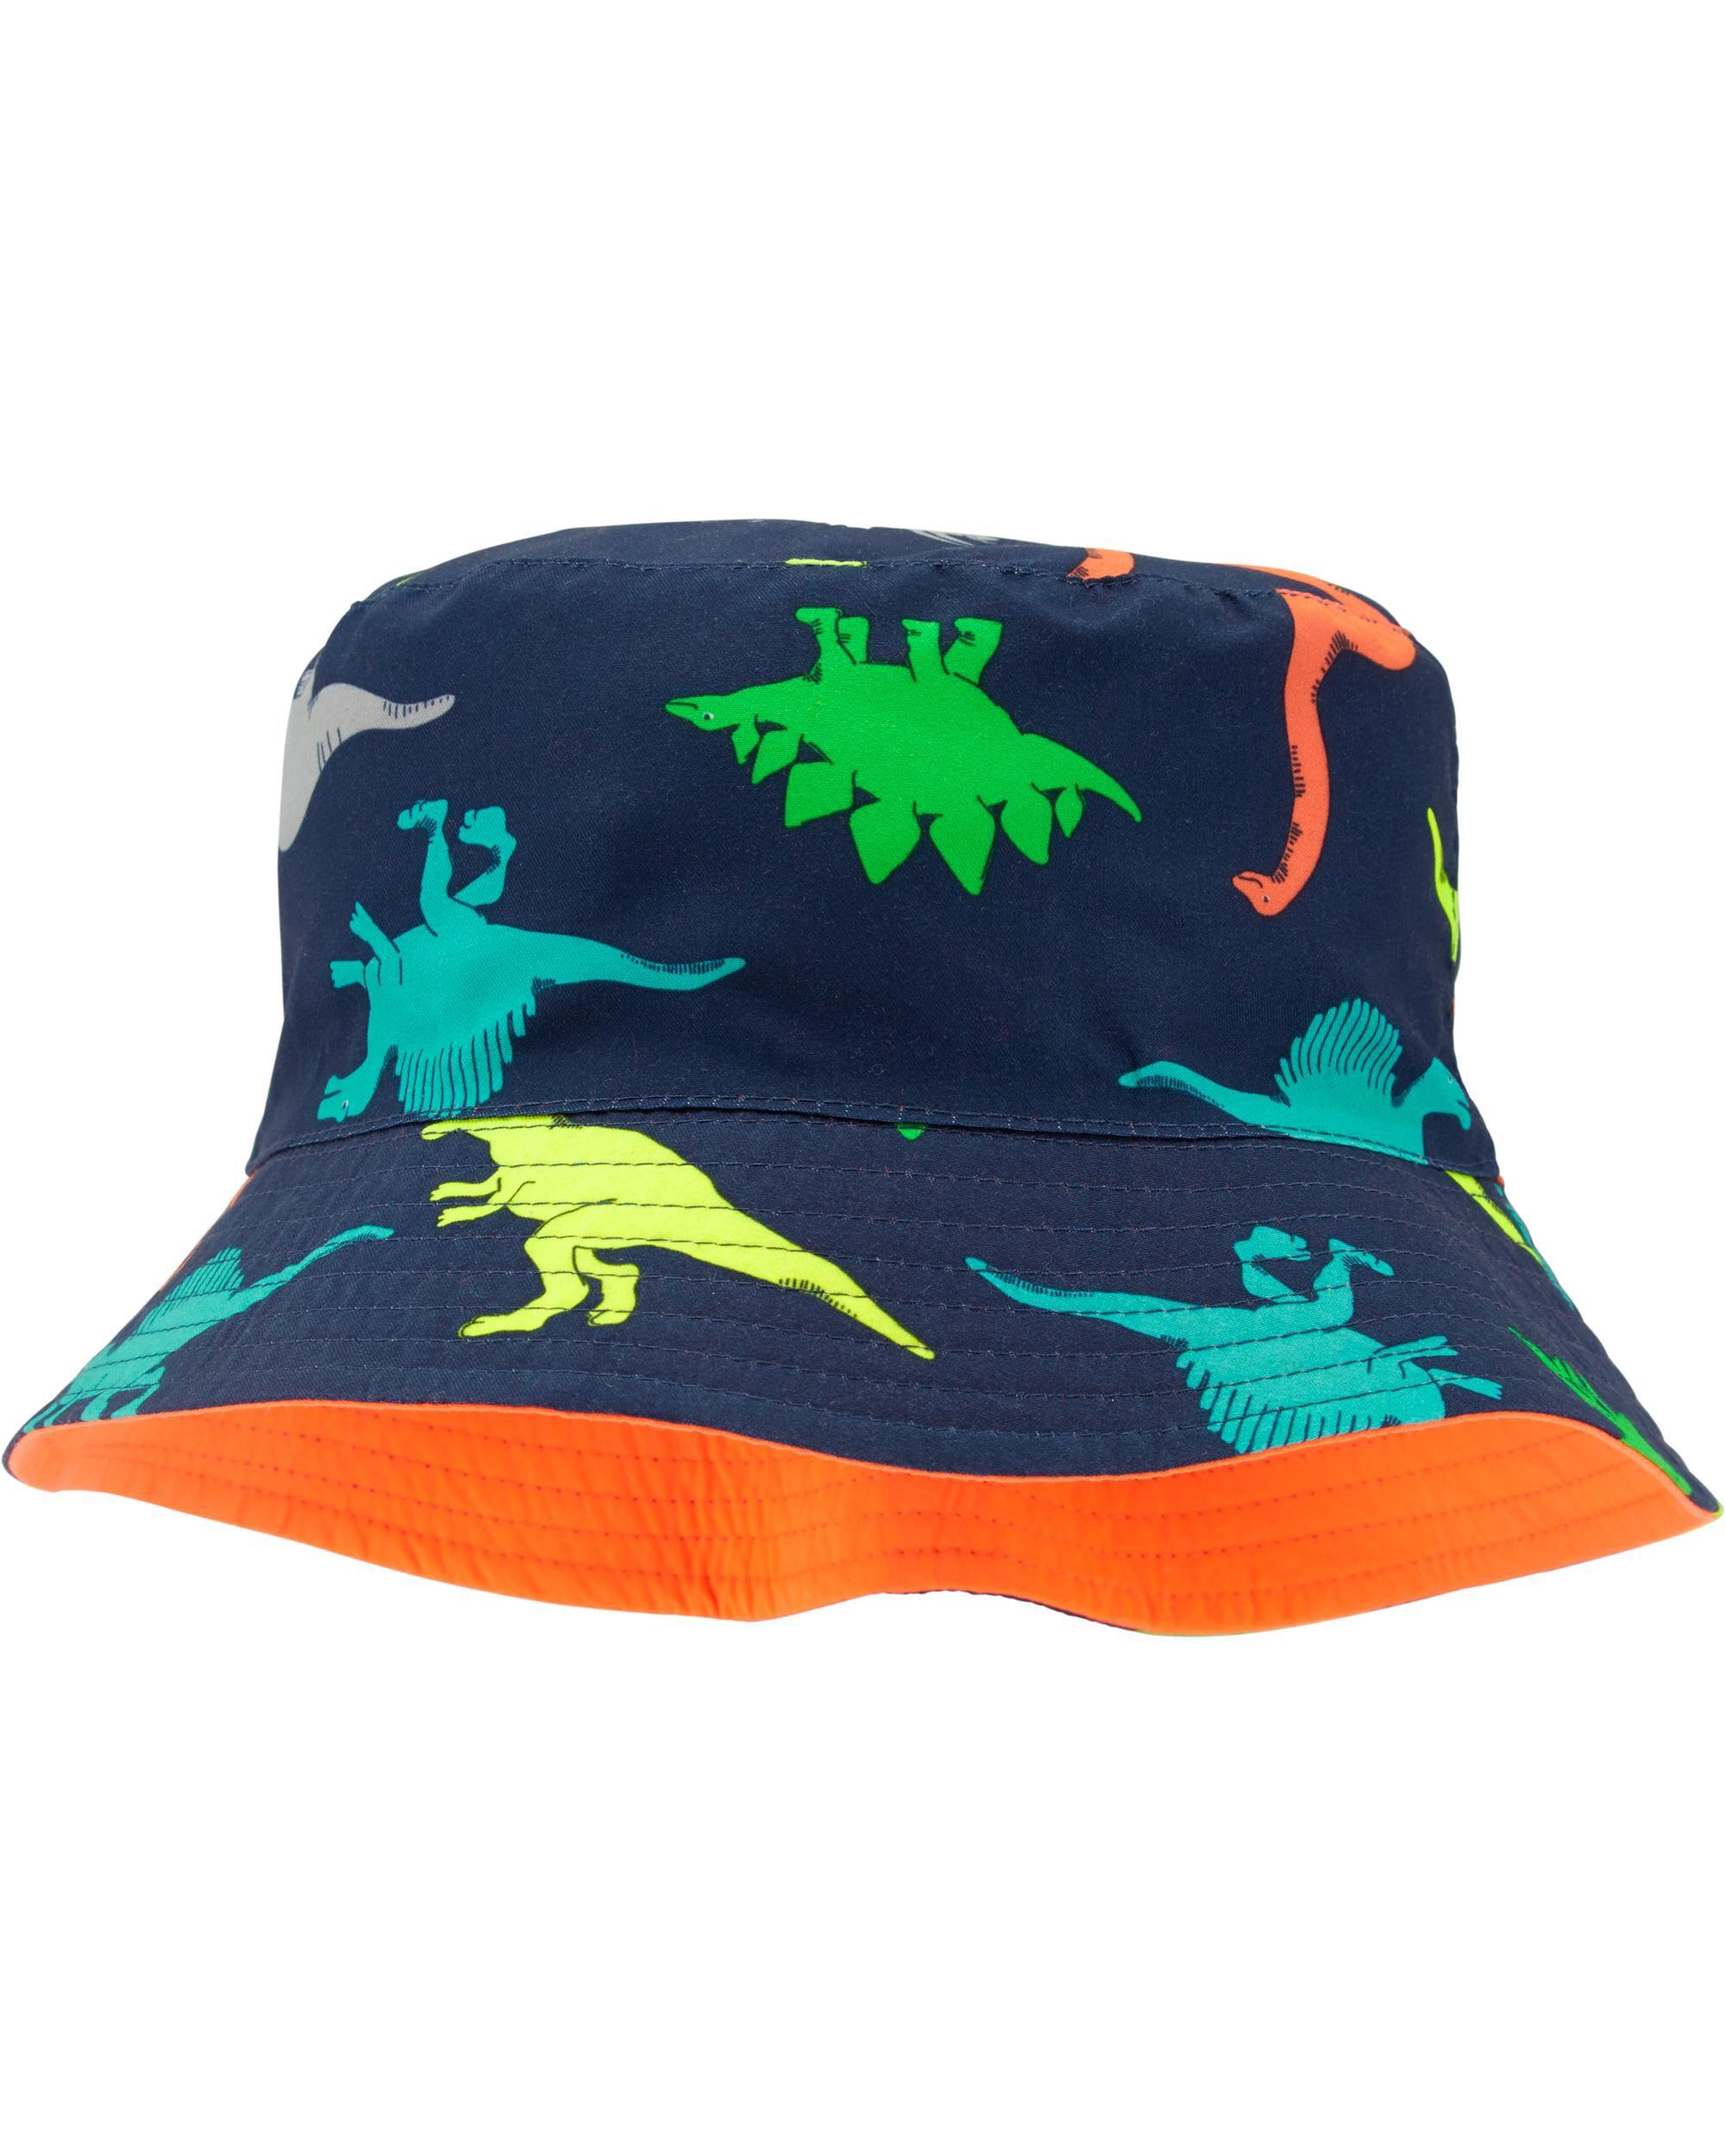 f6f3168cefde1 Dinosaur Bucket Hat